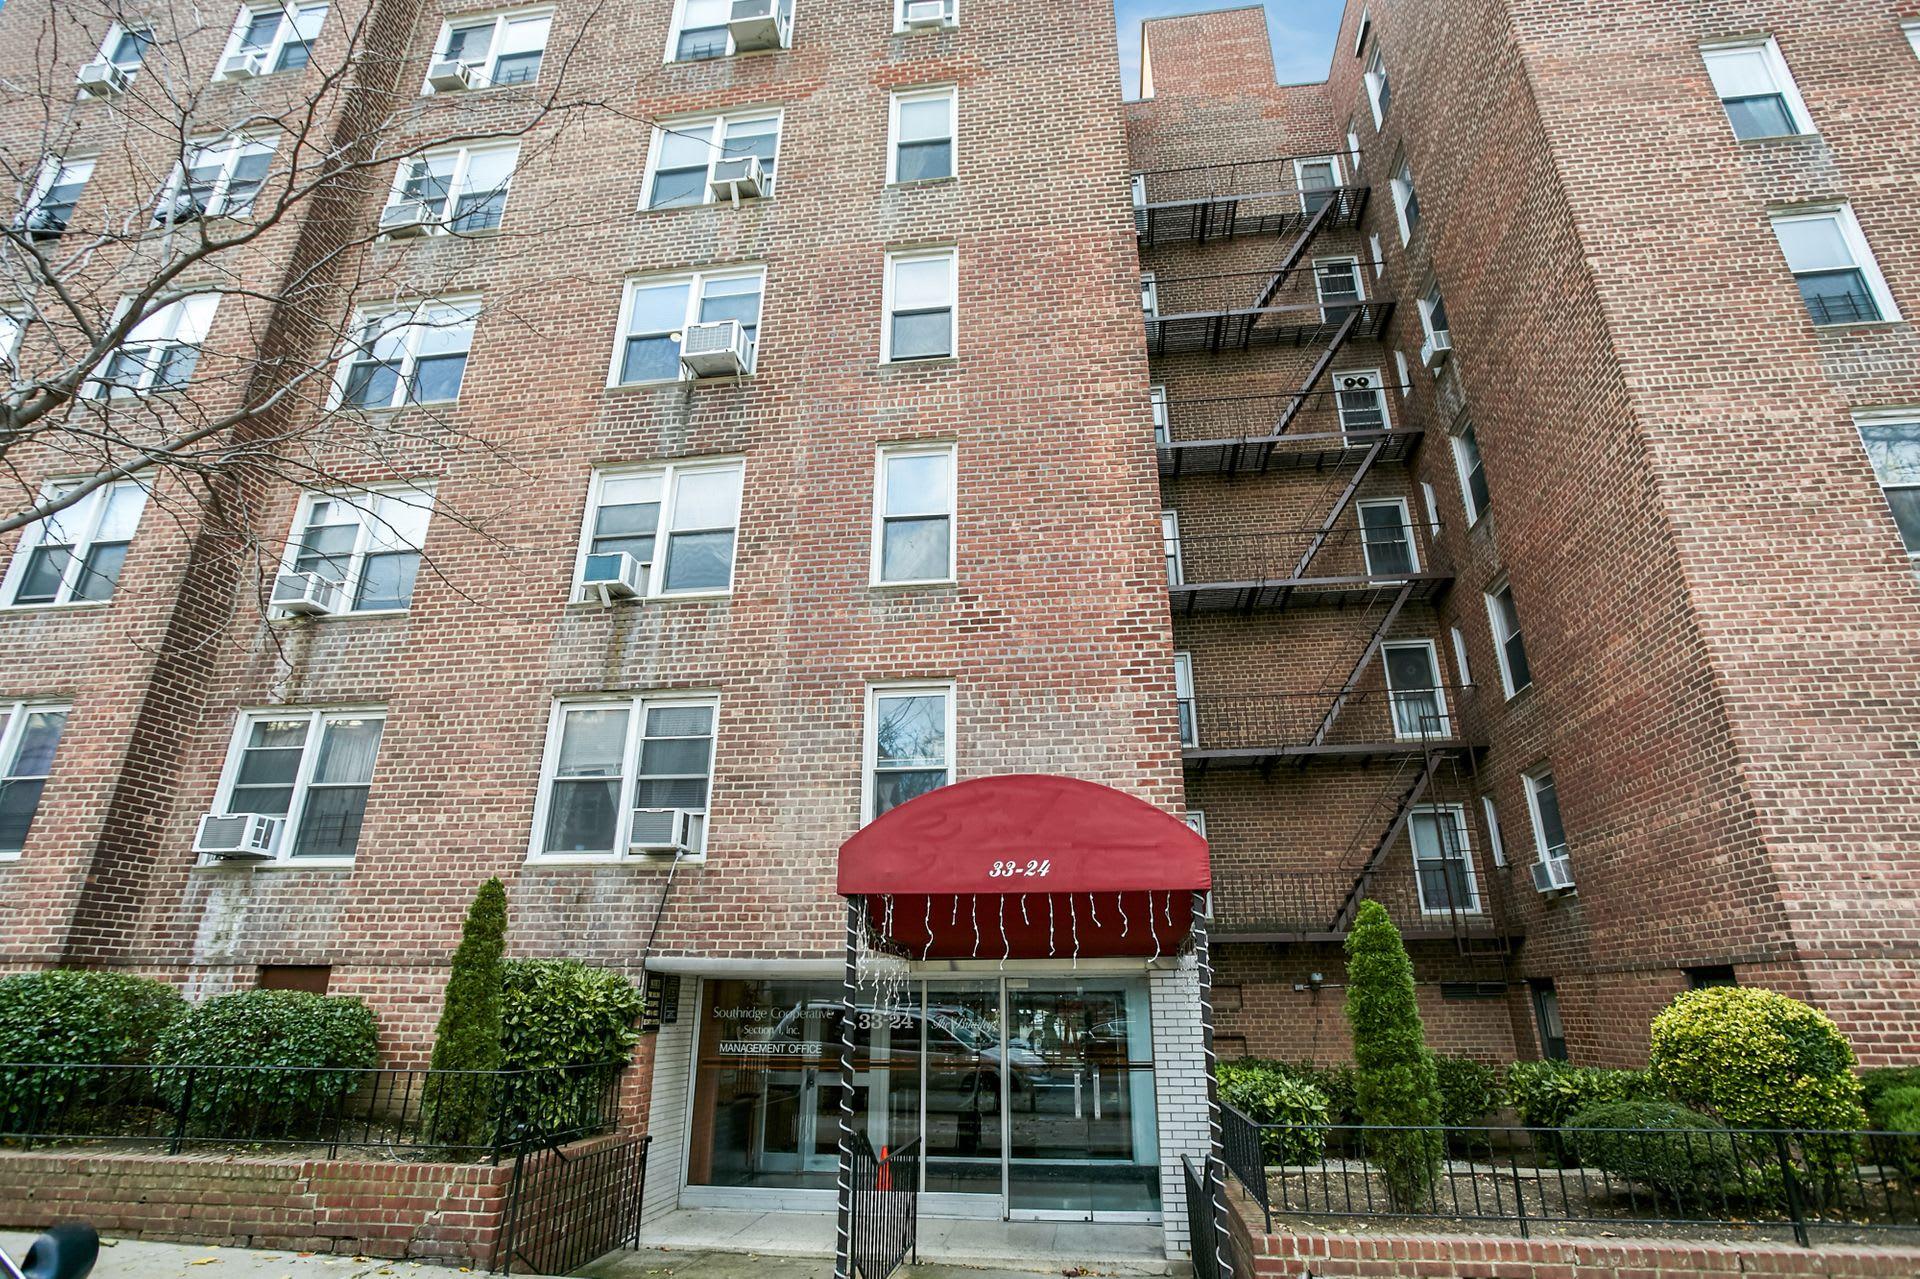 33-24 93rd Street, Unit 3L photo